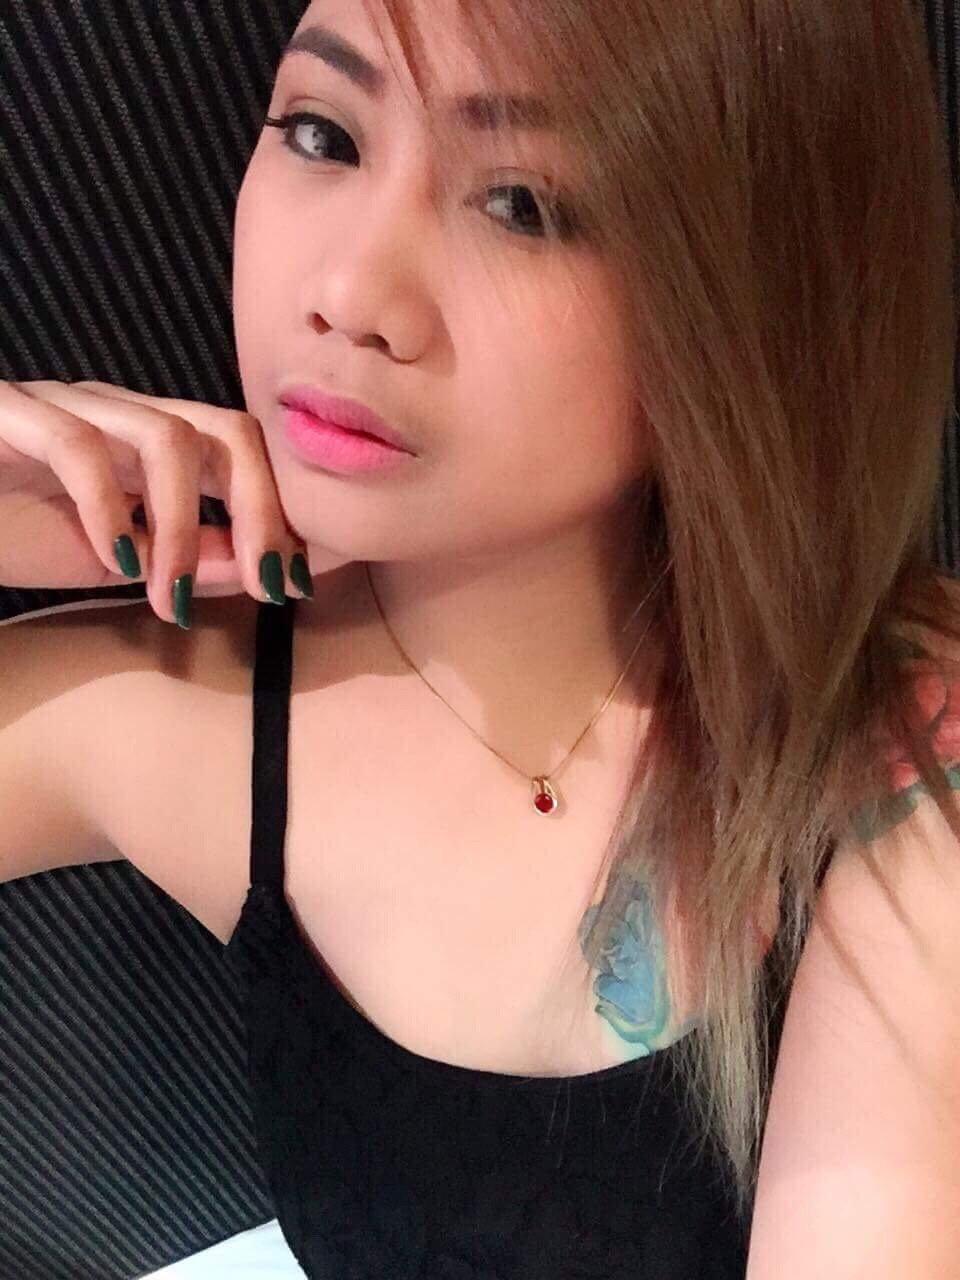 filipino sex massage hd porn videos mobile